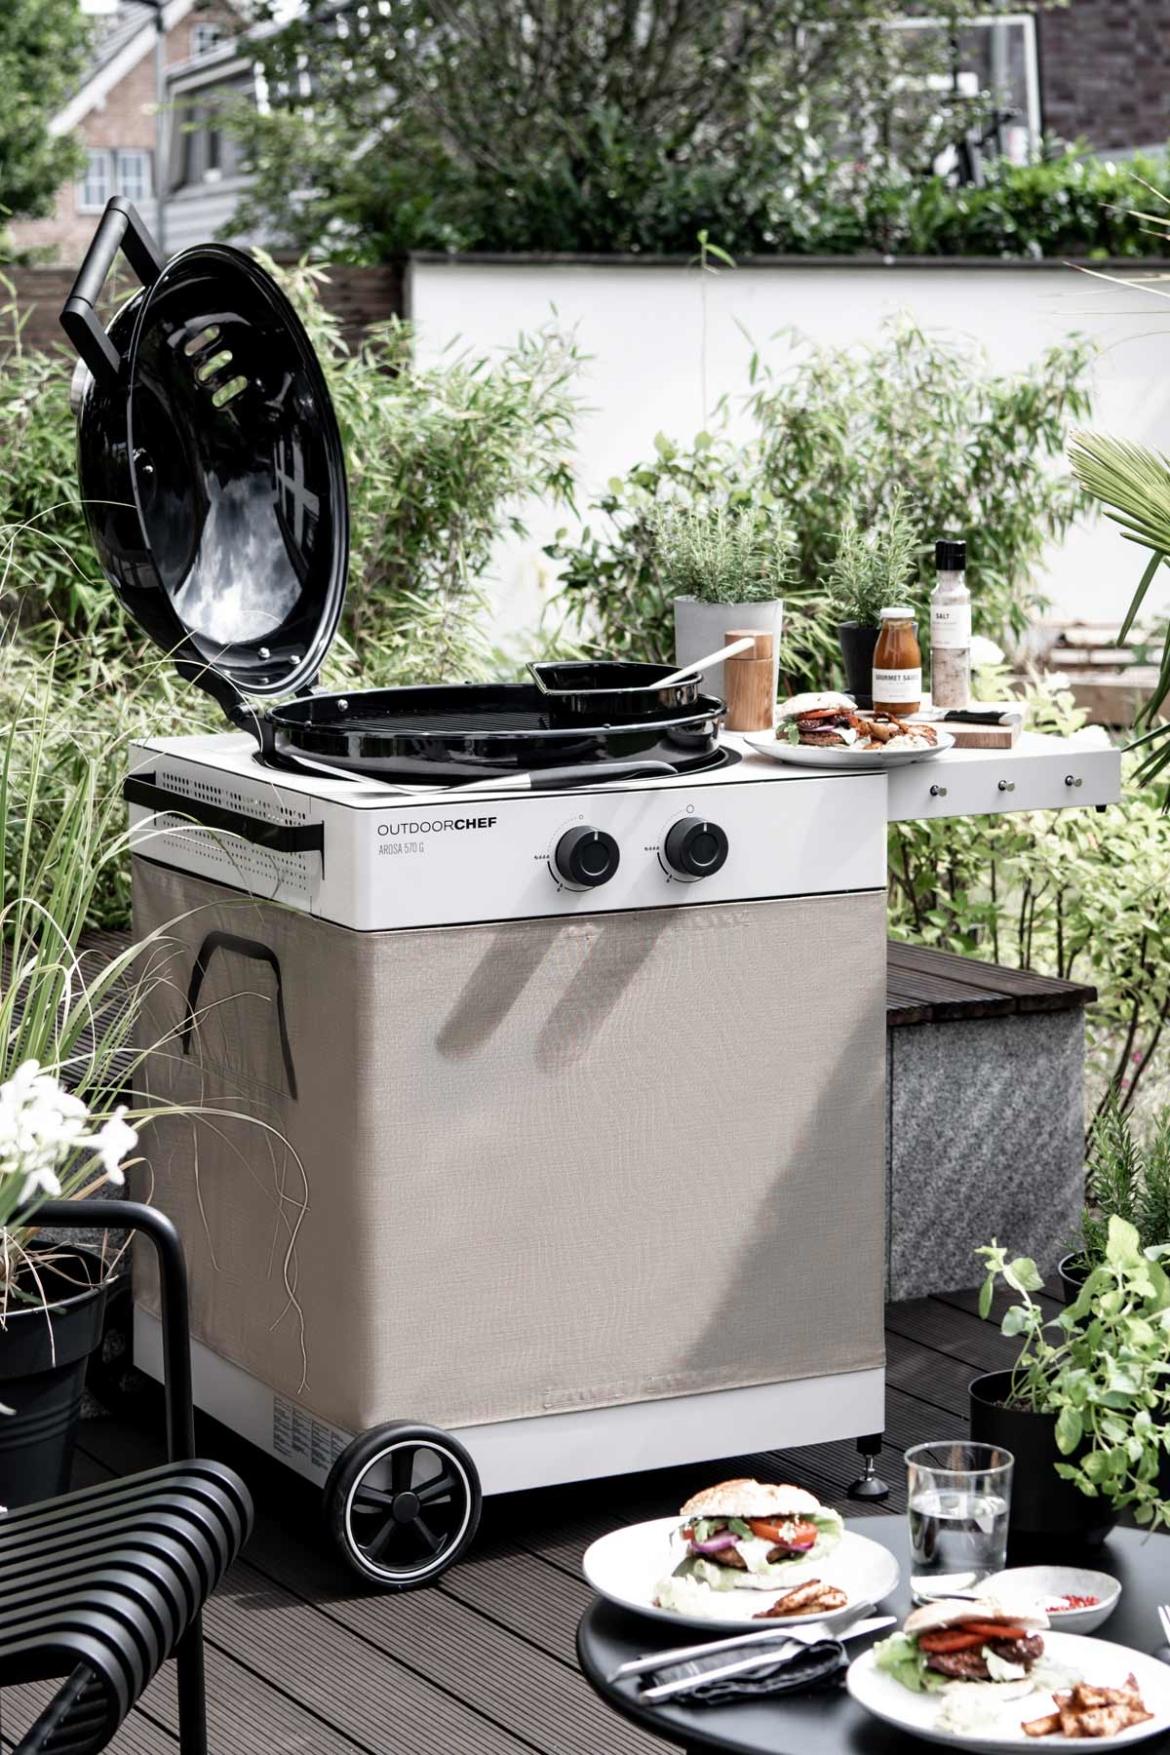 Outdoorküche Gasgrill Outdoorchef